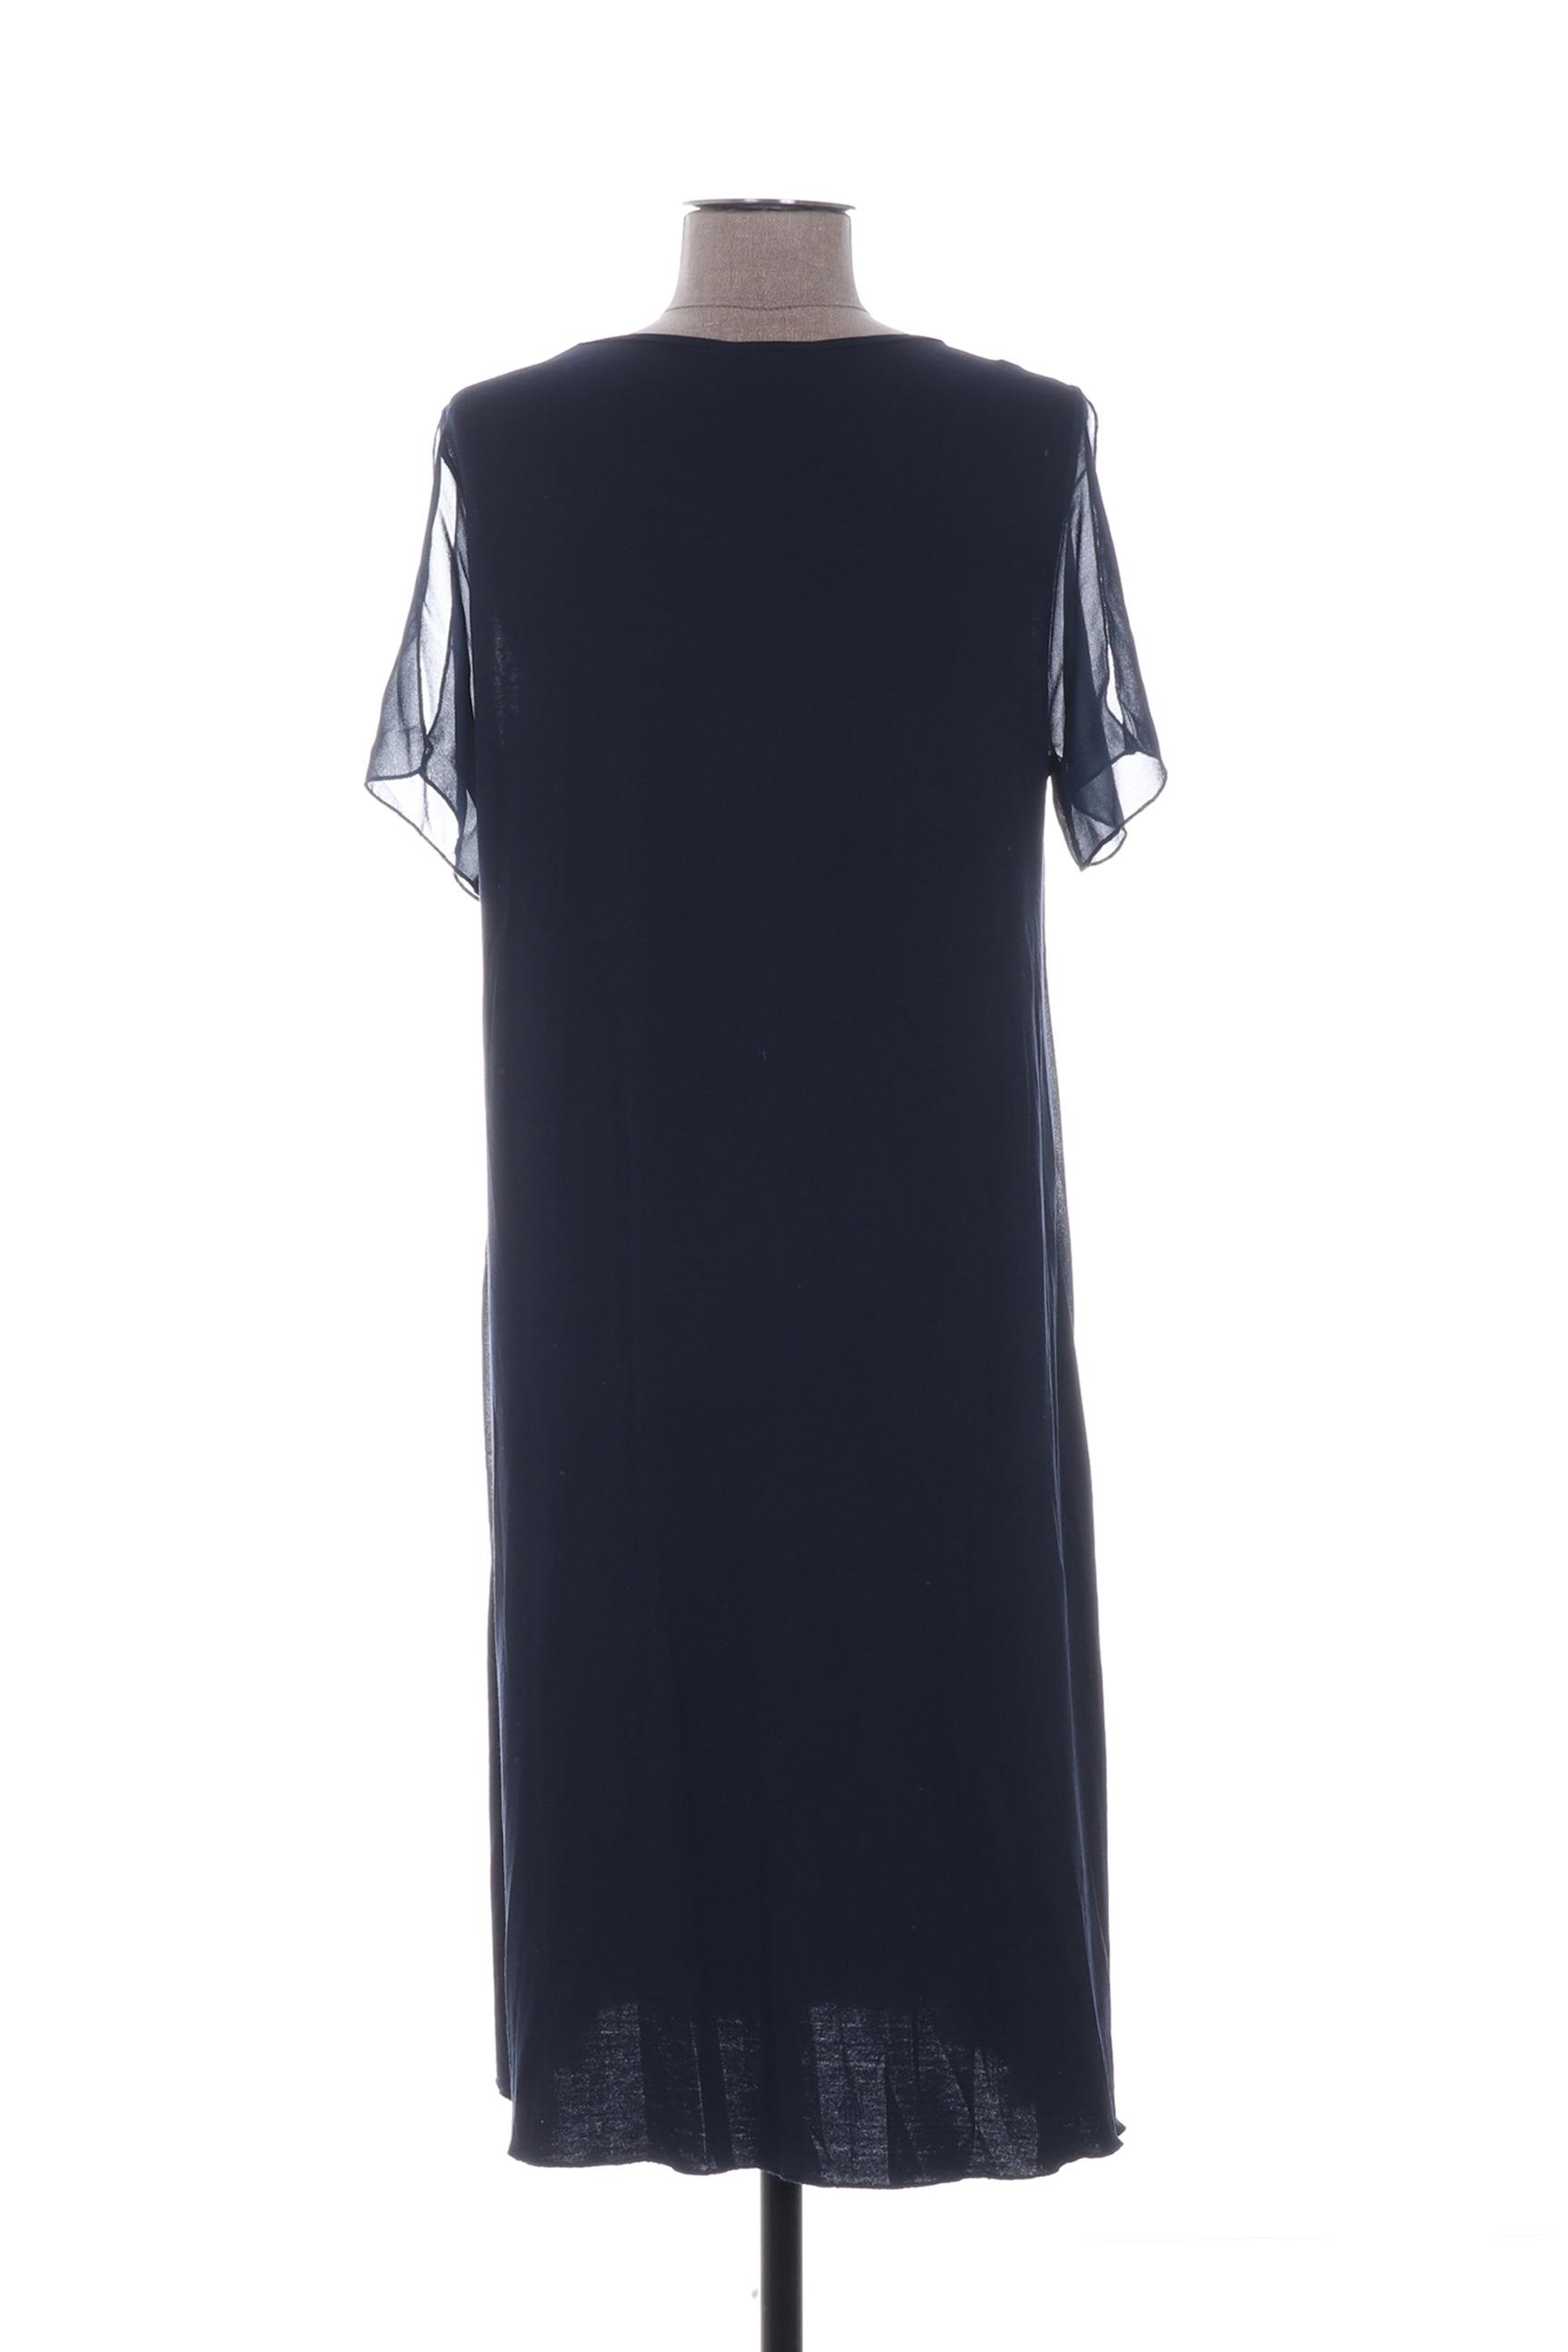 Ninati Robes Mi Longues Femme De Couleur Bleu En Soldes Pas Cher 1262336-bleu00